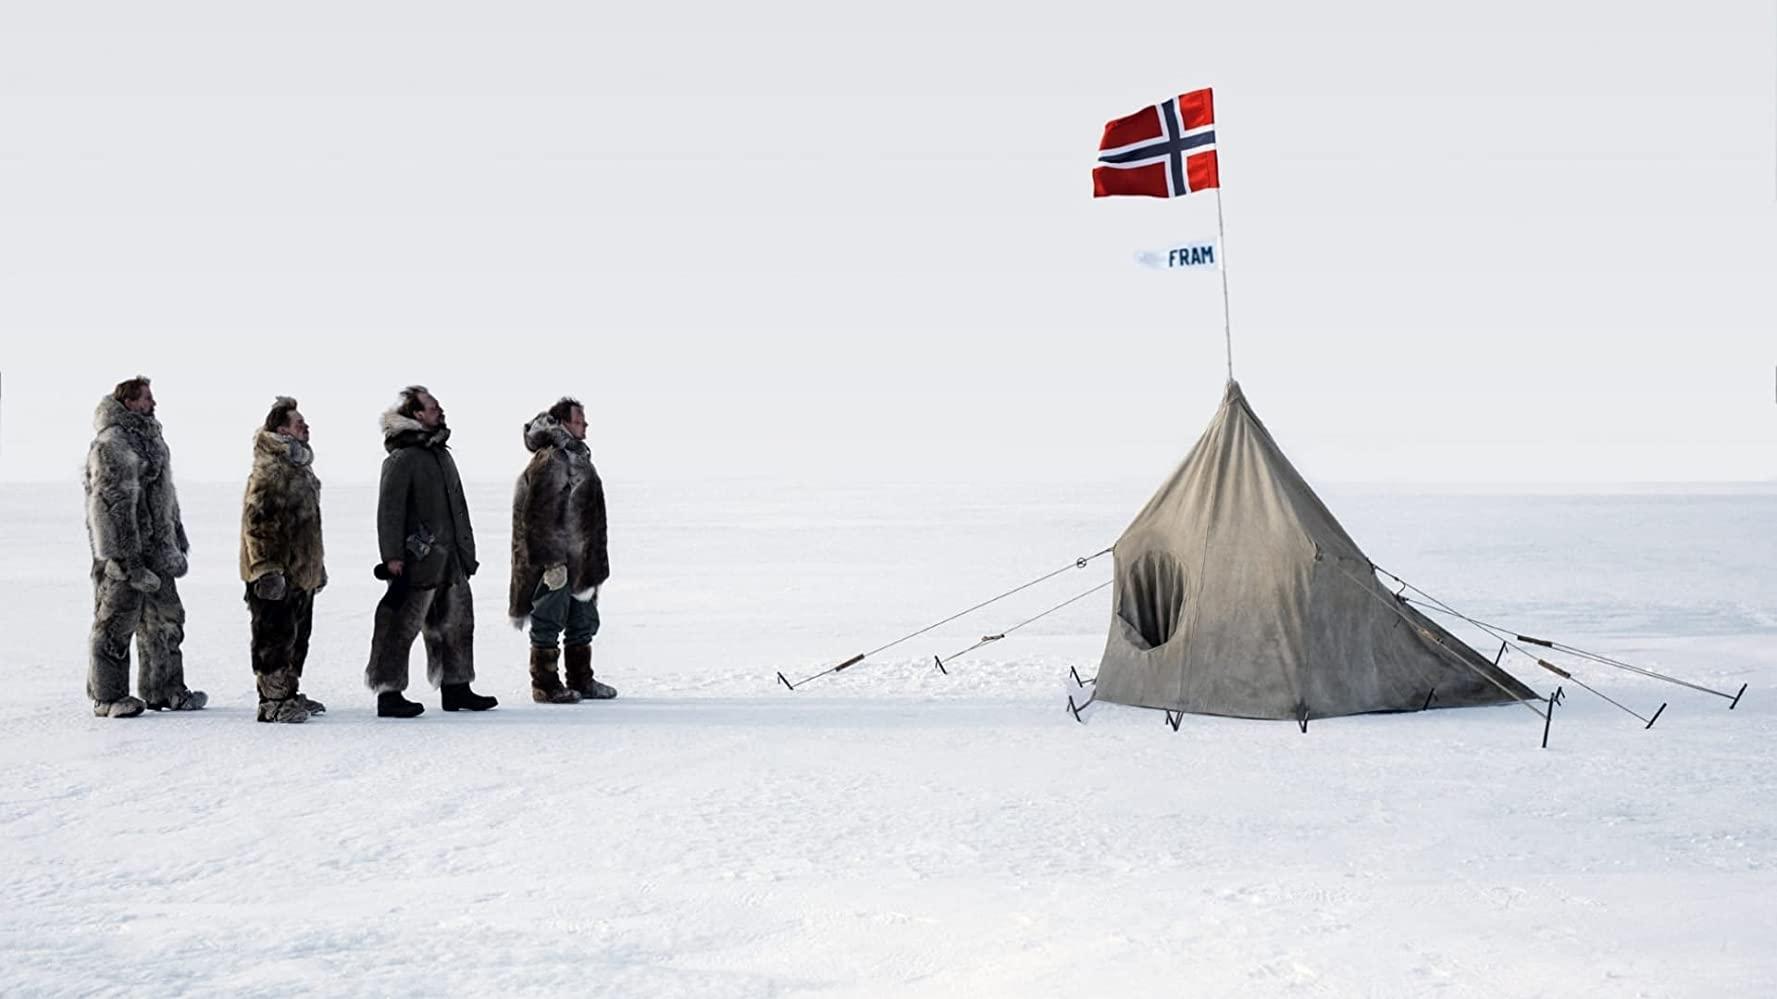 مشاهدة فيلم Amundsen (2019) مترجم HD اون لاين